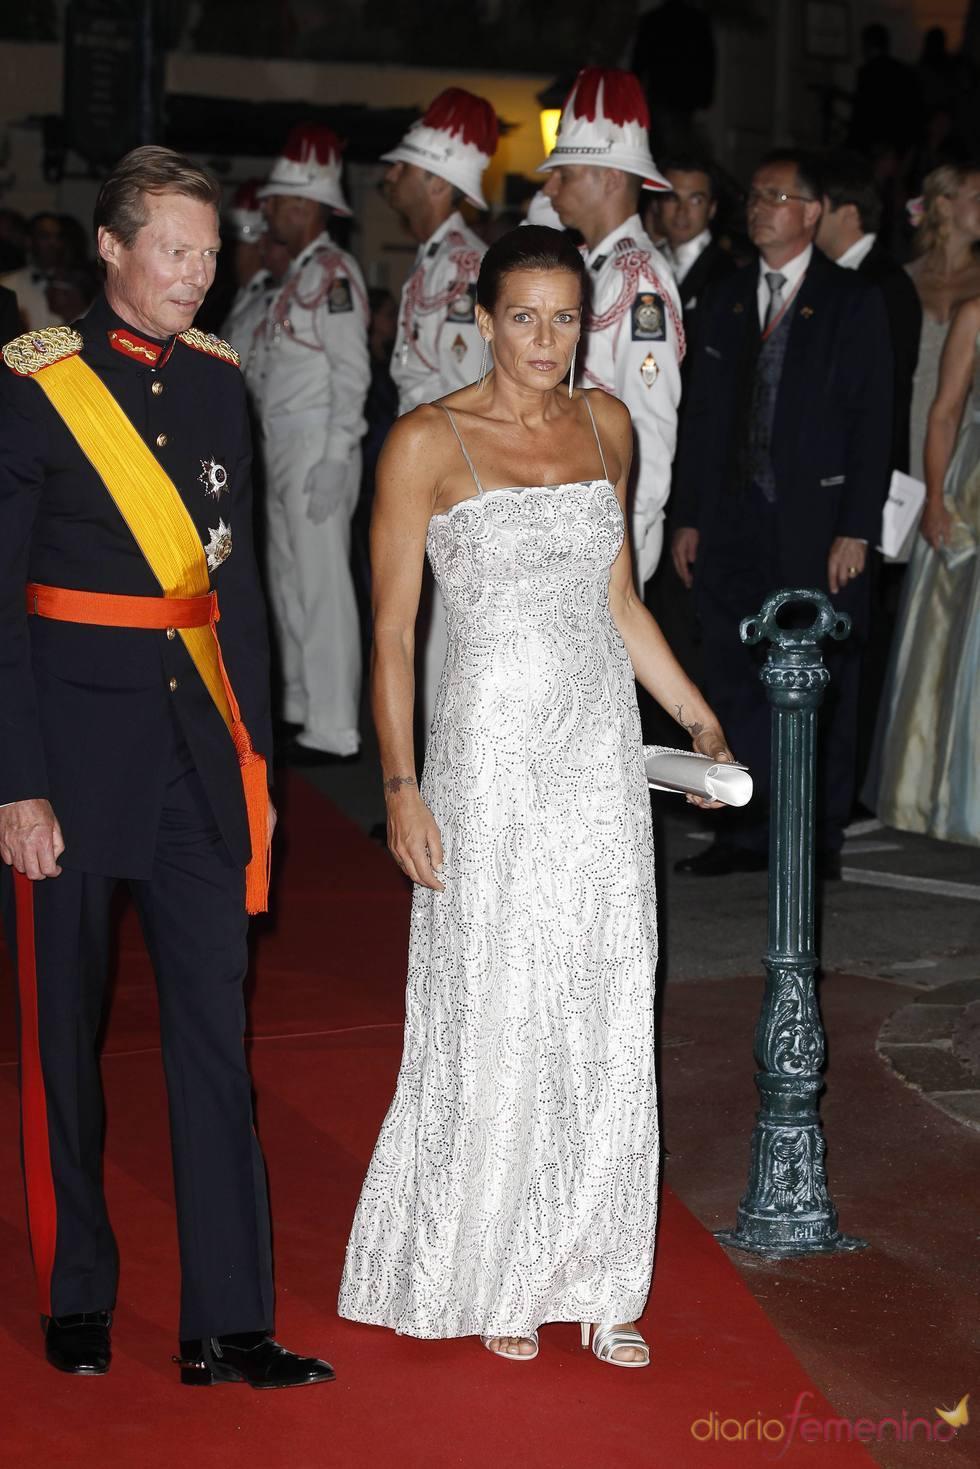 Estefanía de Mónaco en la cena de gala de la Boda Real de Mónaco